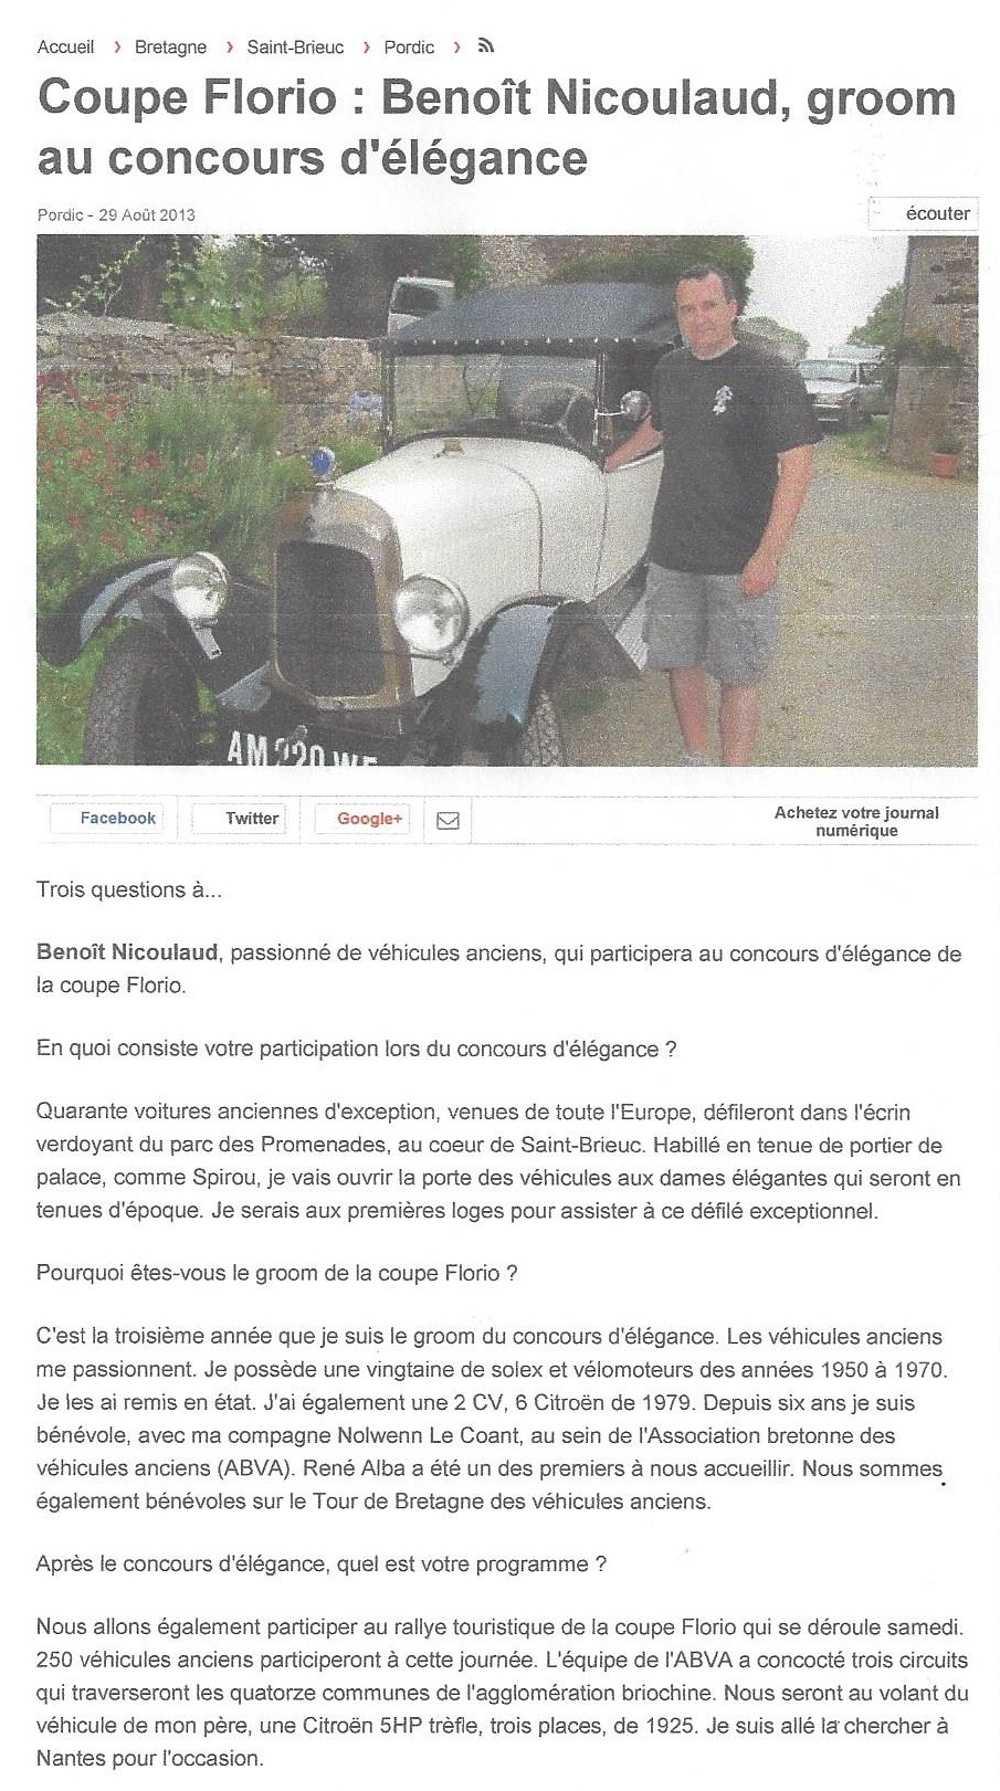 Portrait de Benoit Nicoulaud : groom/voiturier au concours de la Coupe Florio 0